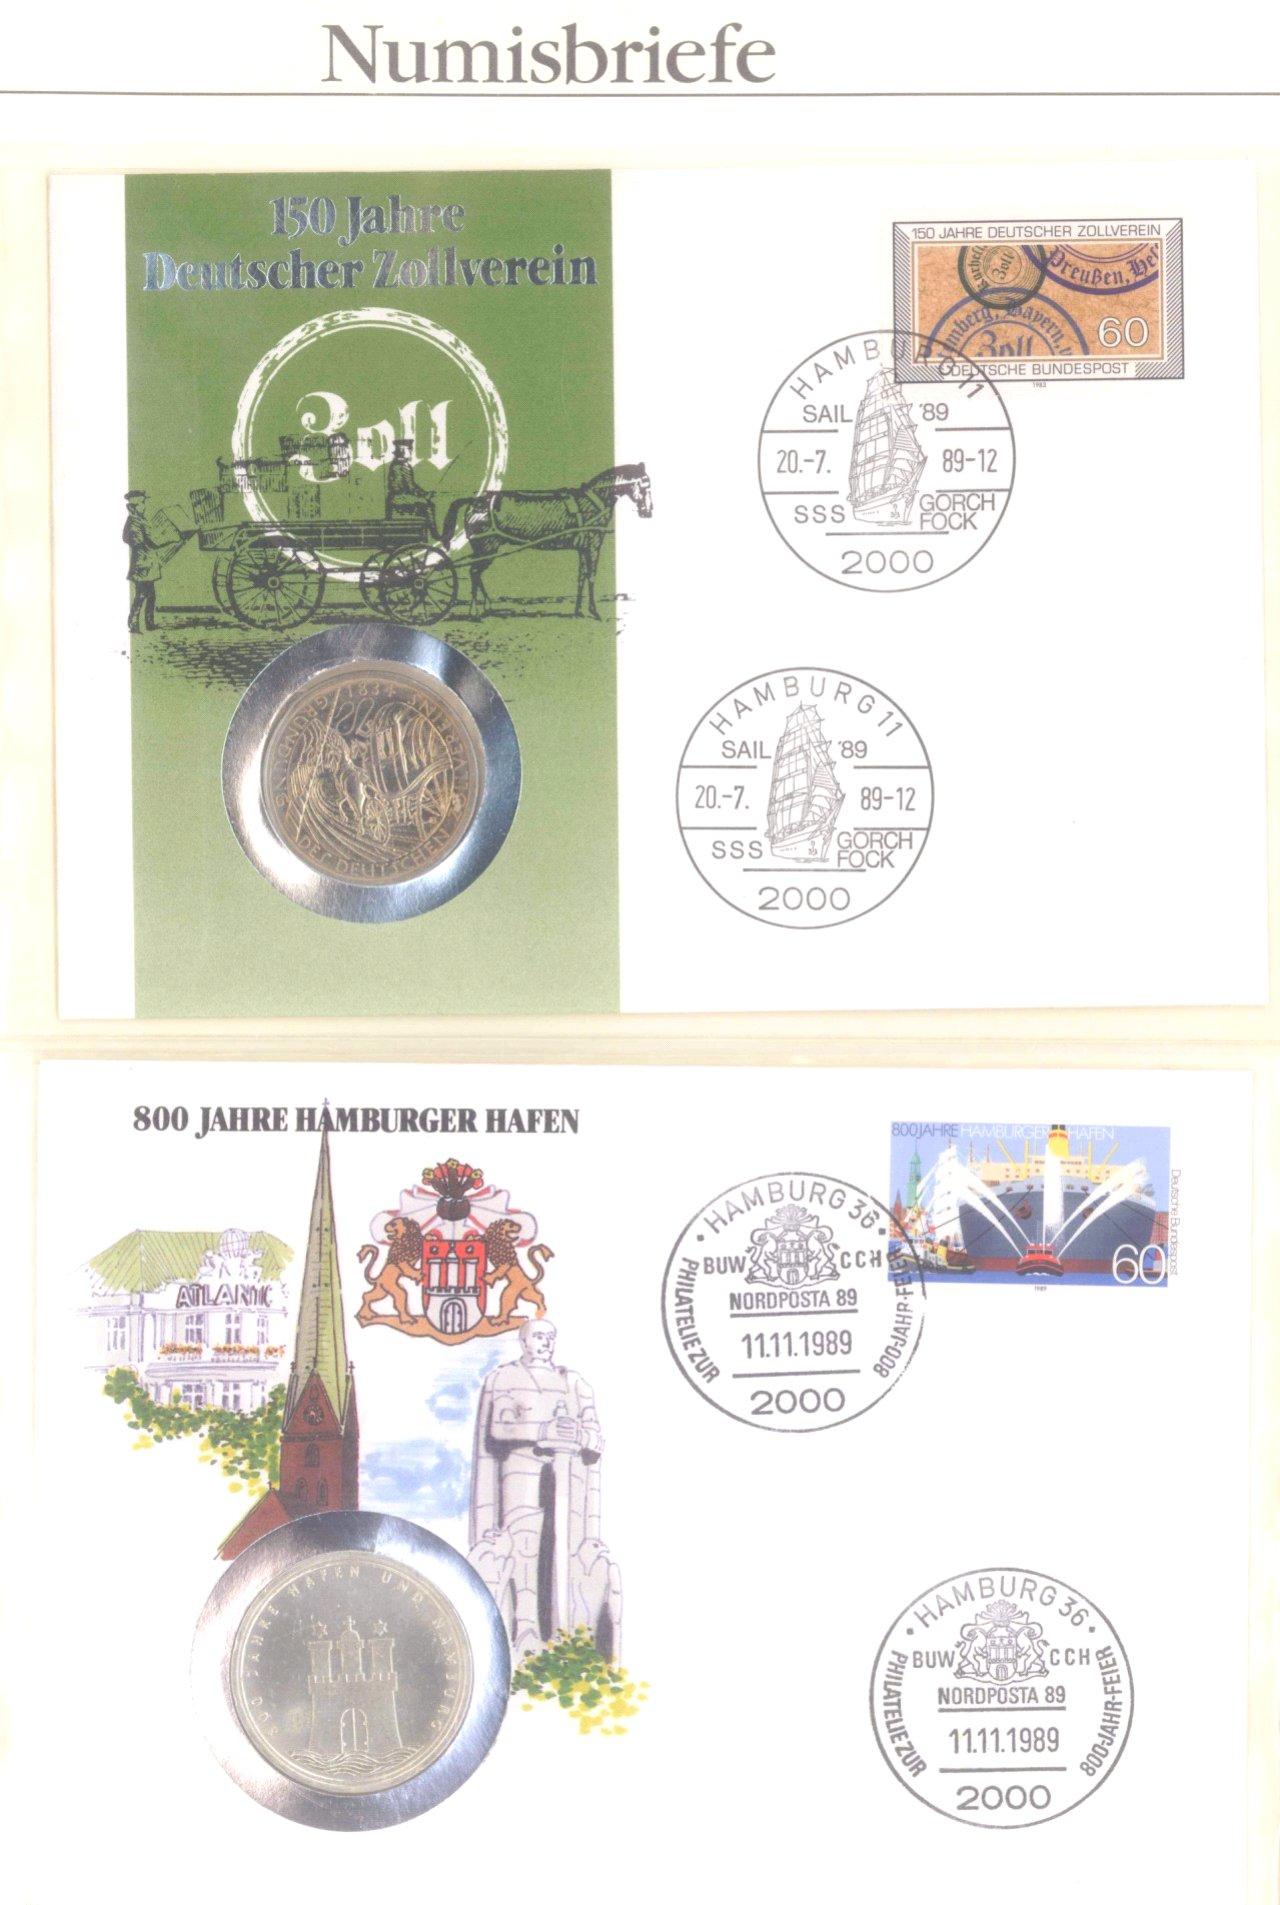 Sammlung Numisbriefe-17